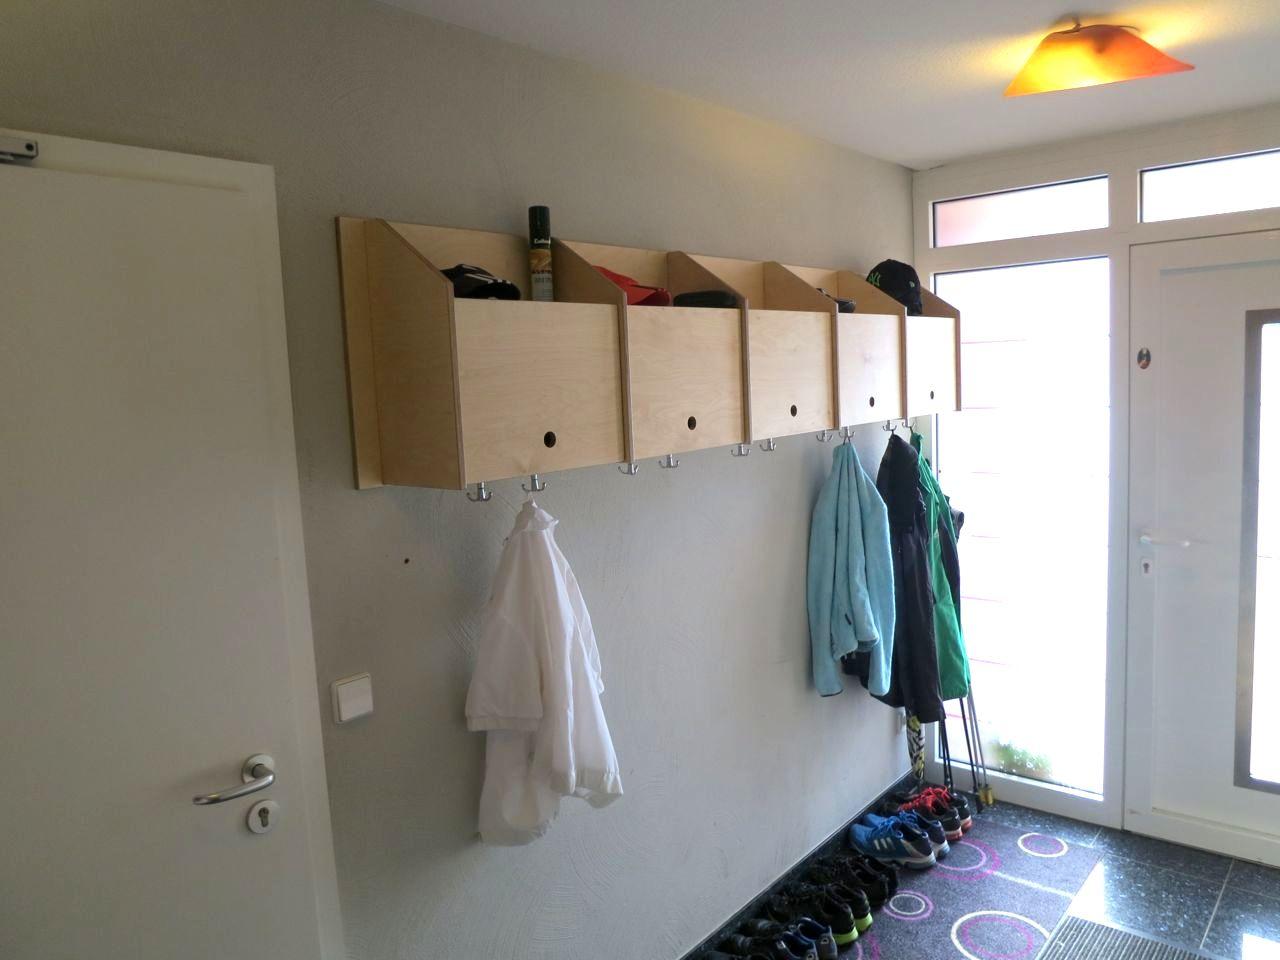 garderobe selbst gebaut teil 3 holz und leim. Black Bedroom Furniture Sets. Home Design Ideas